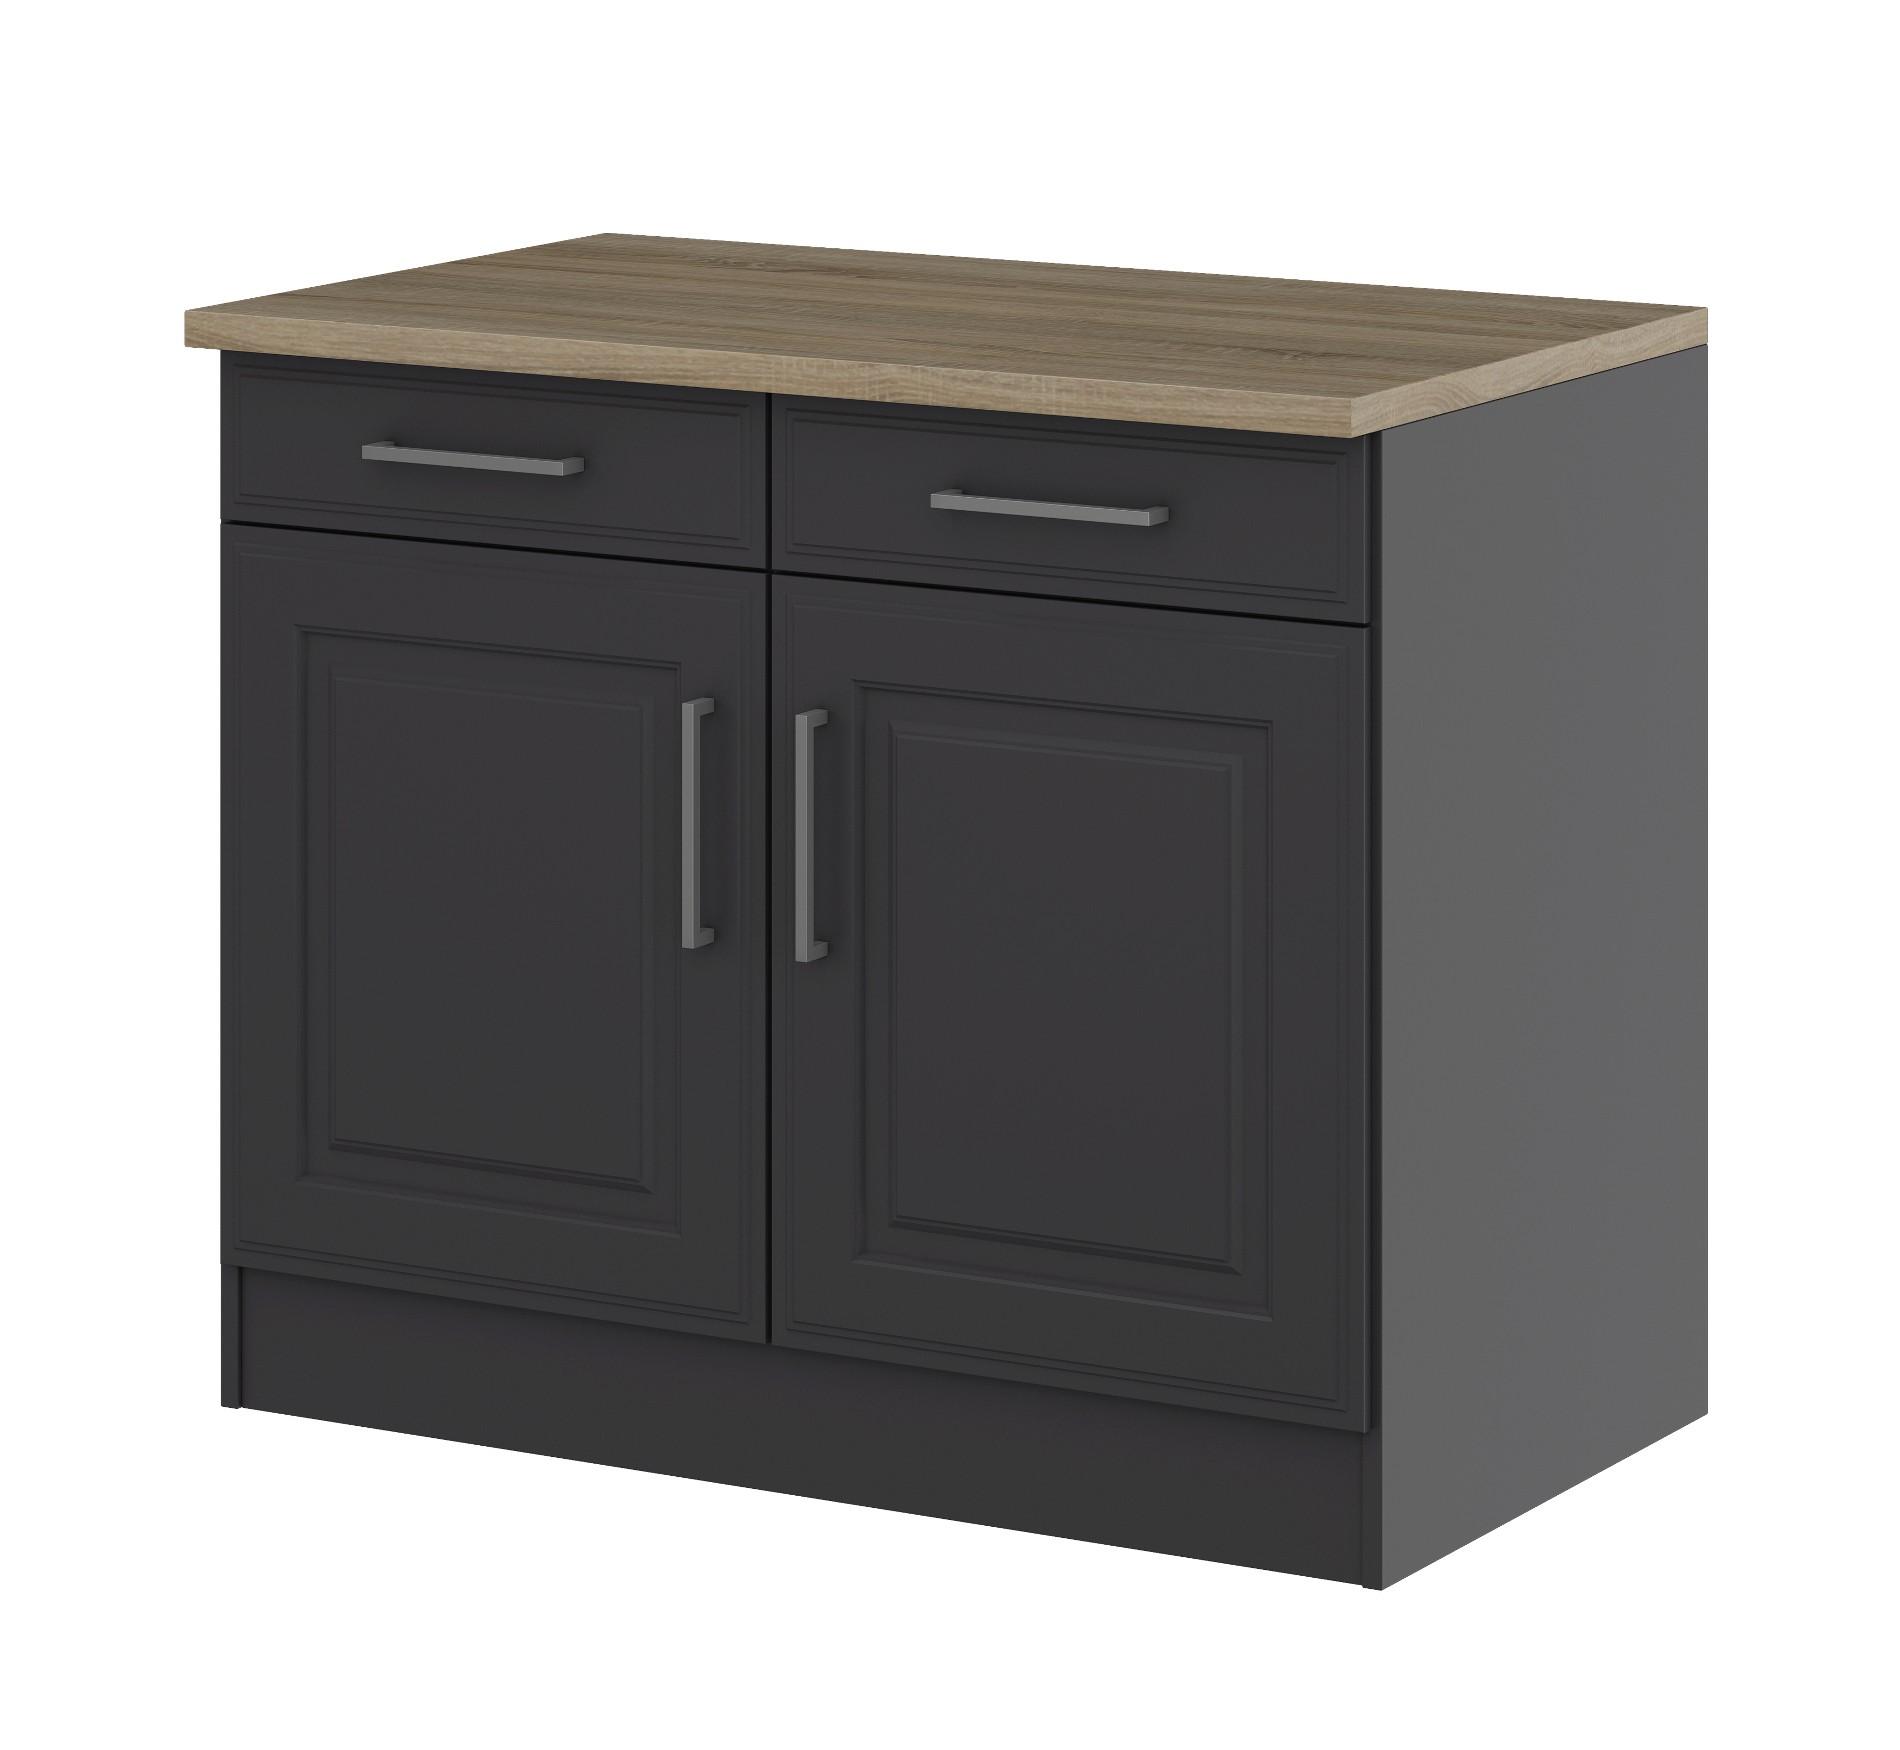 k chen unterschrank k ln 2 t rig 100 cm breit grau graphit k che k chen unterschr nke. Black Bedroom Furniture Sets. Home Design Ideas